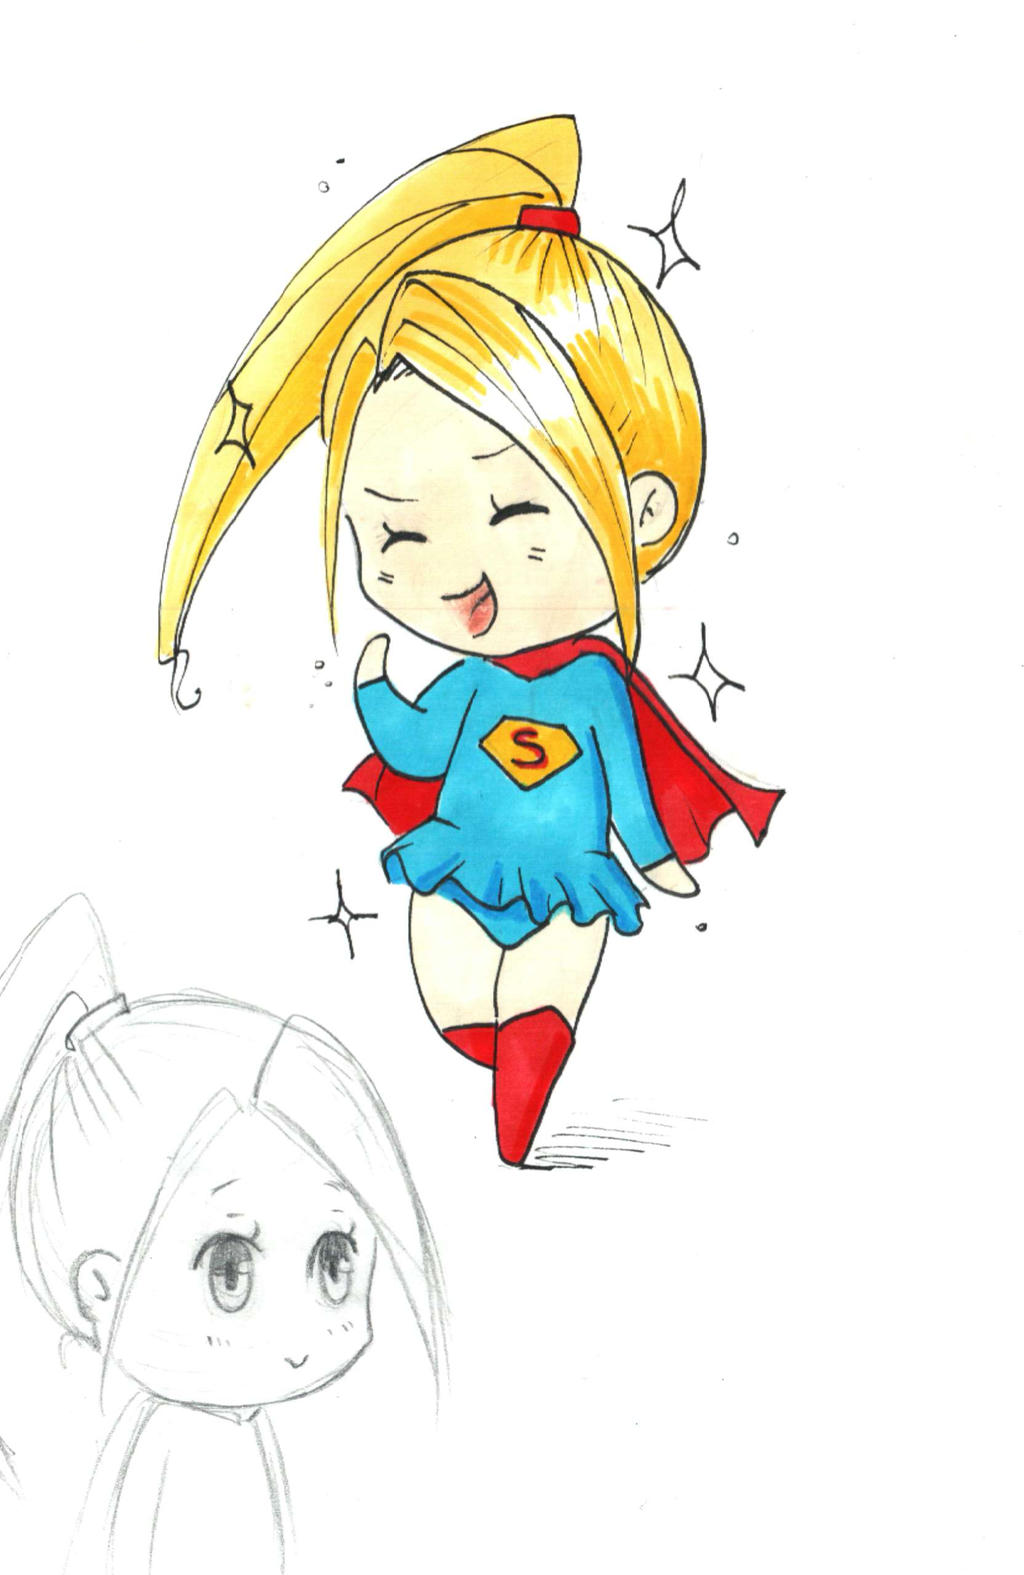 Chibi Supergirl by Brigumhild on DeviantArt